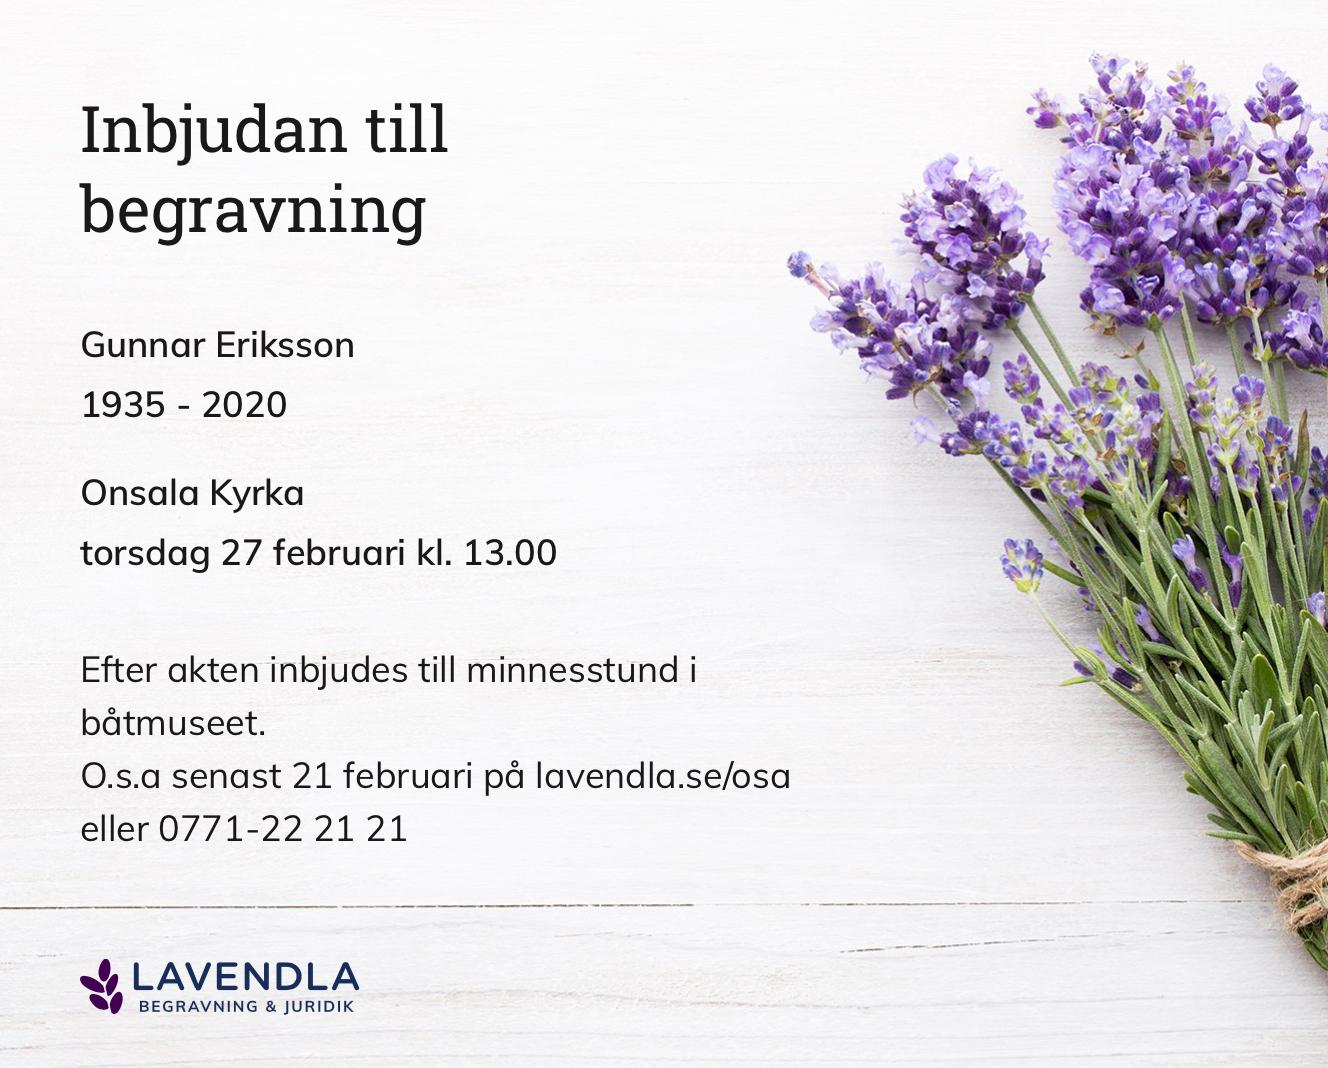 Inbjudningskort till ceremonin för Gunnar Eriksson